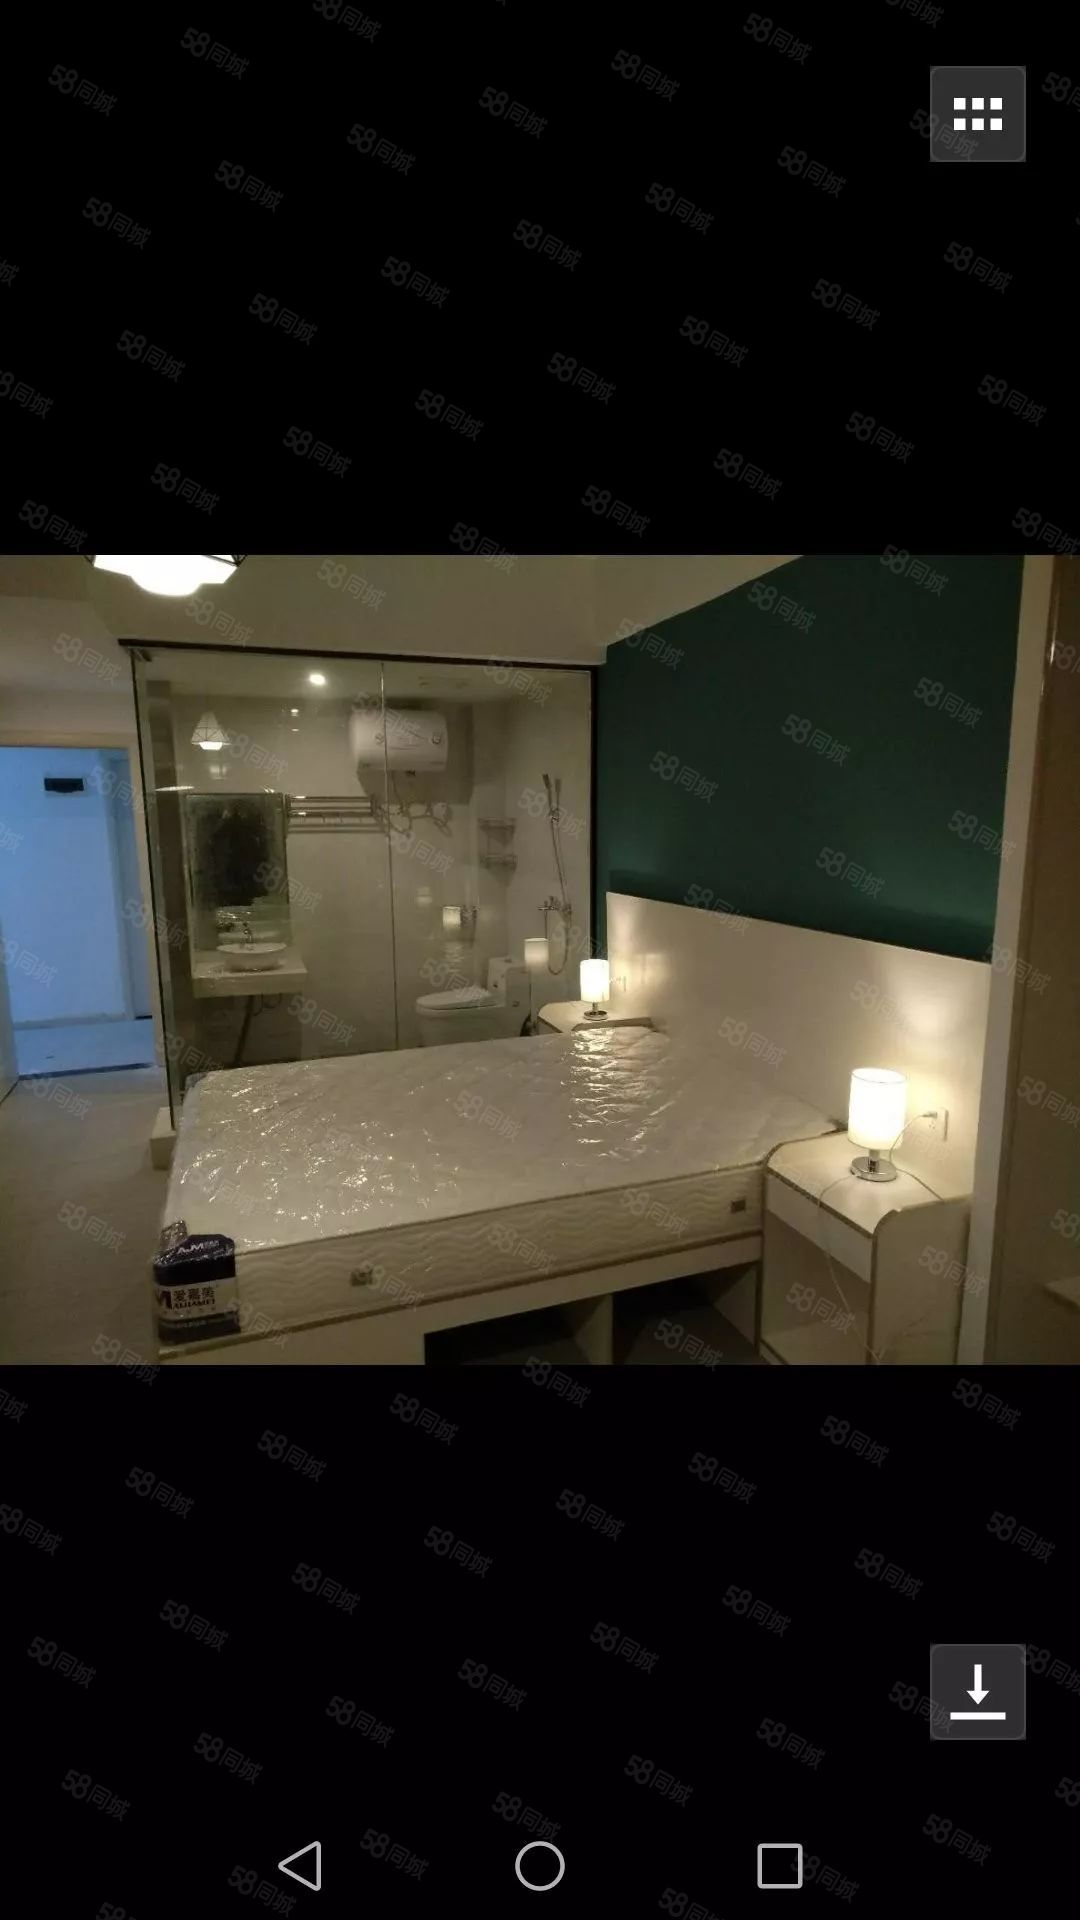 铜仁豪华电梯房新单身公寓,西外环名城世家小区附近一室一厨一卫